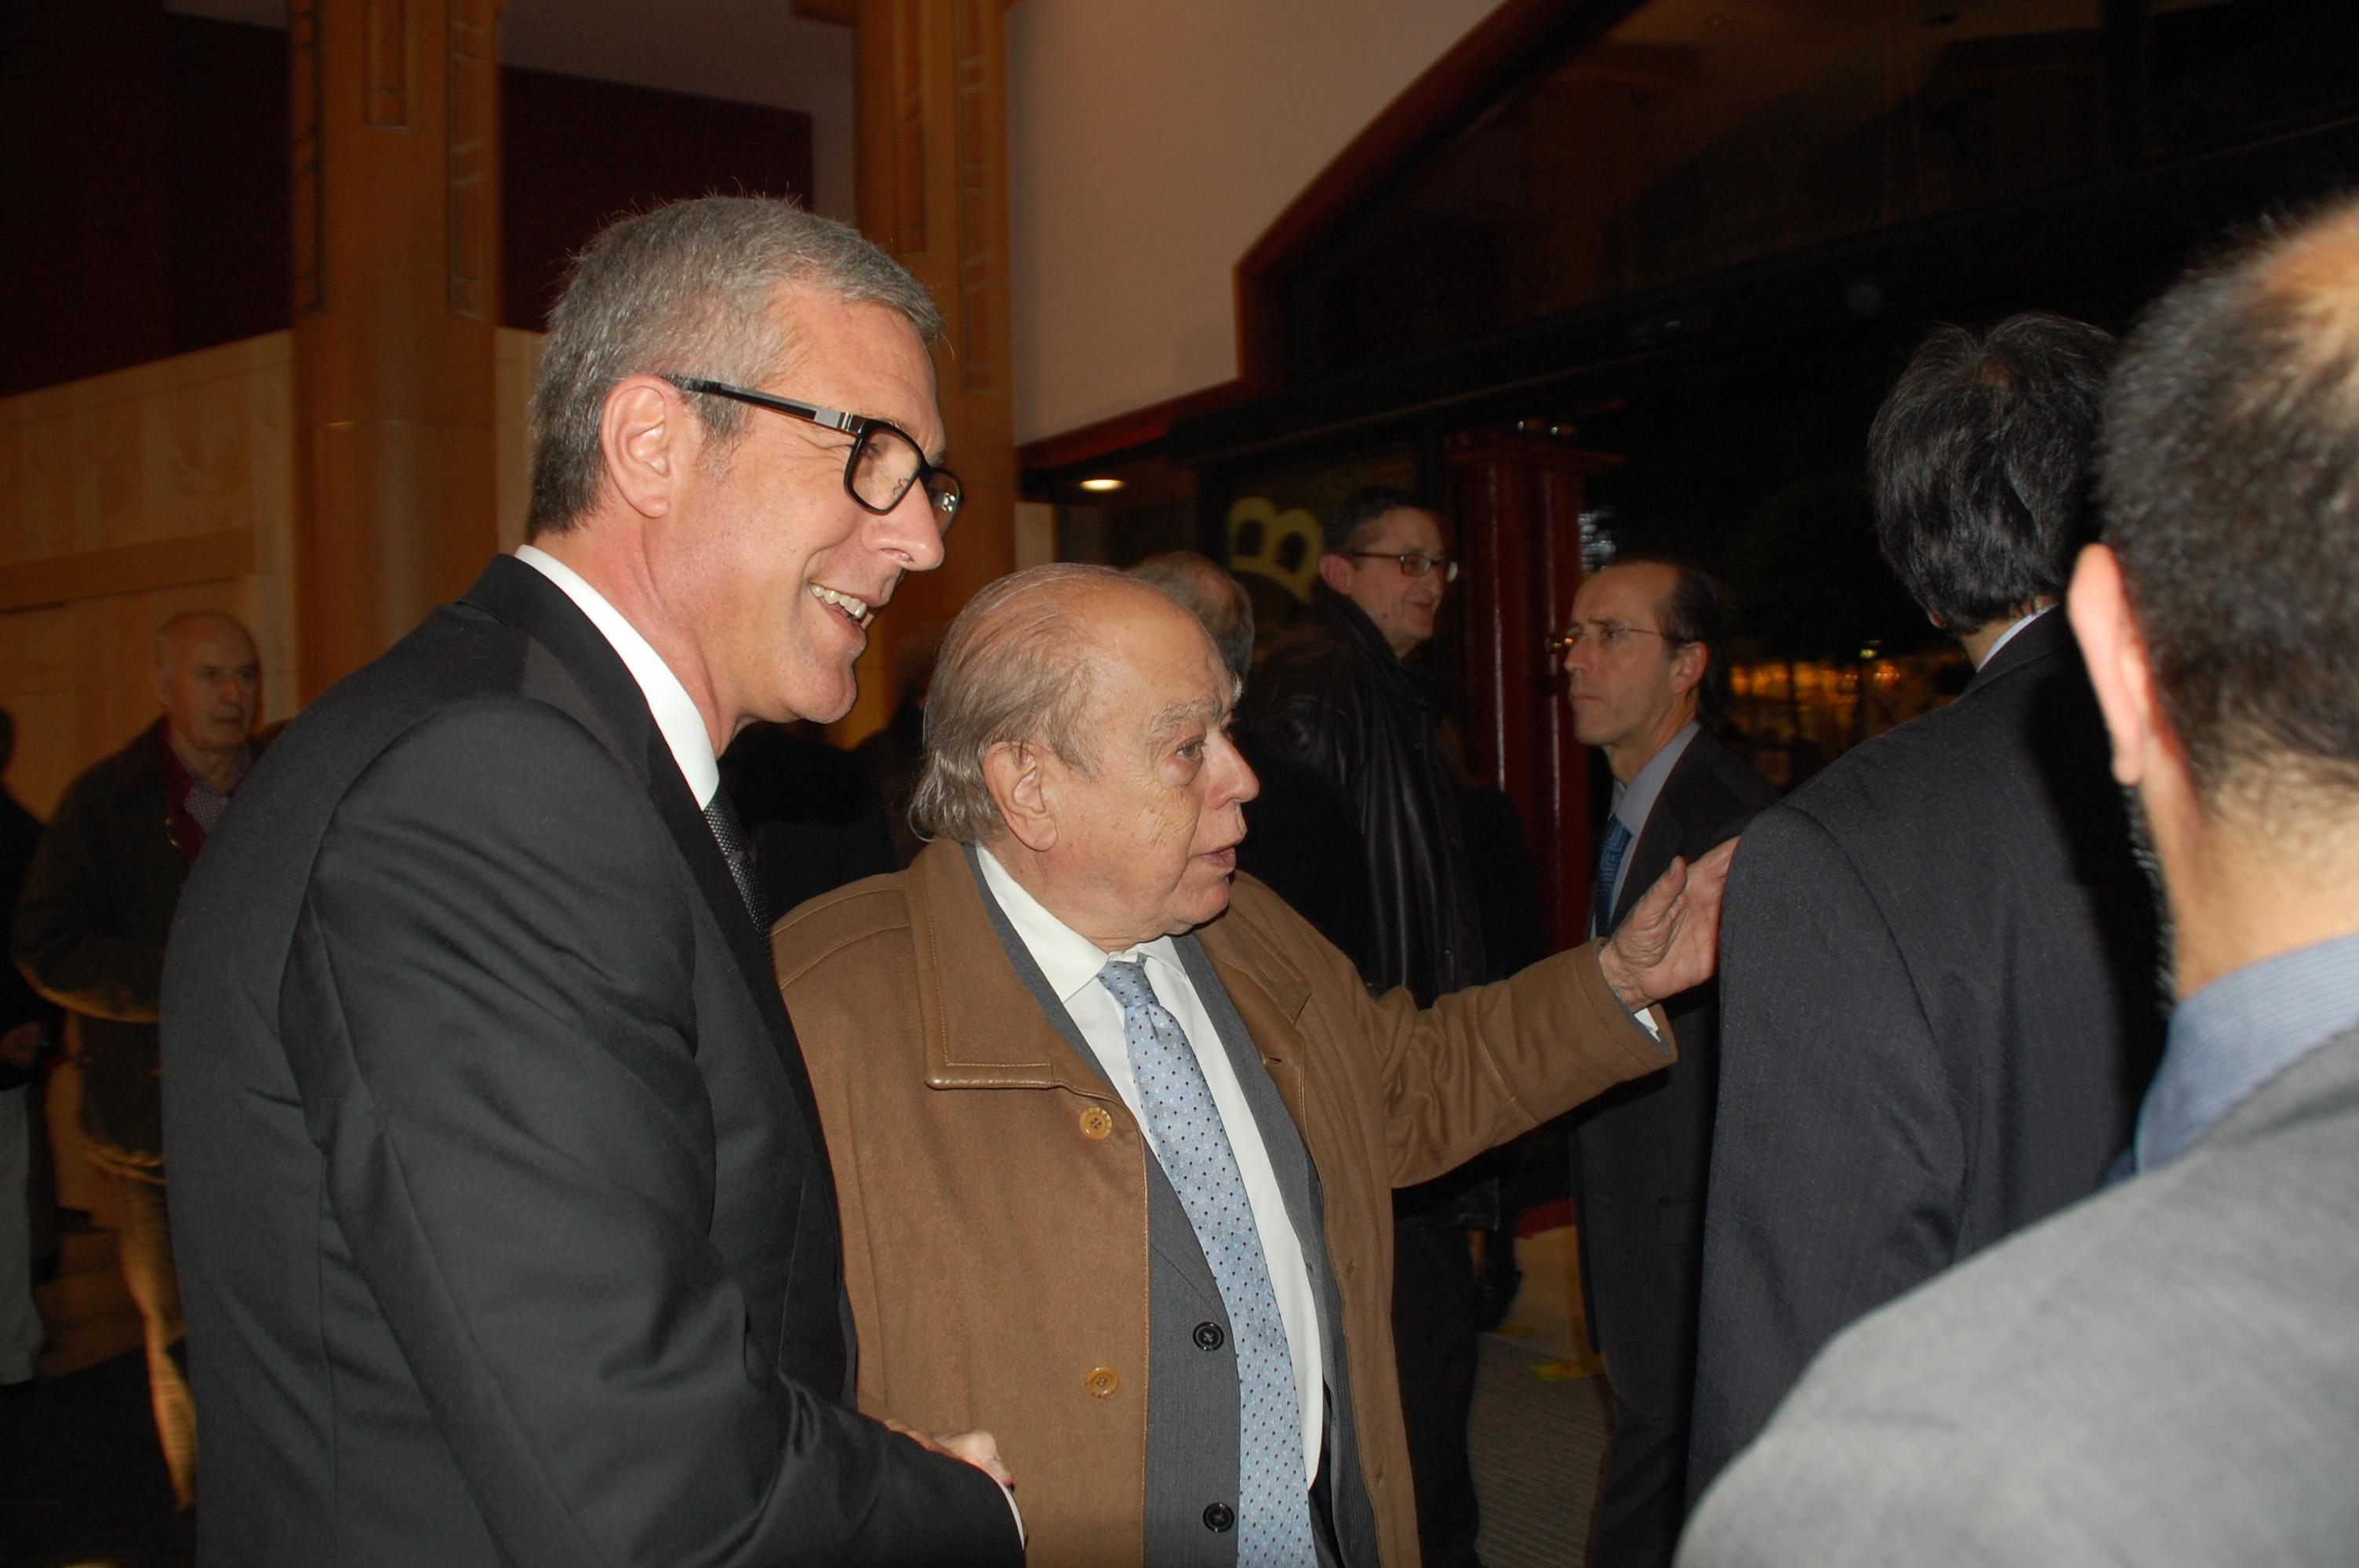 El president Jordi Pujol, rebut per l'alcalde Ballesteros al vestíbul del teatre Tarragona (foto: Mauri)